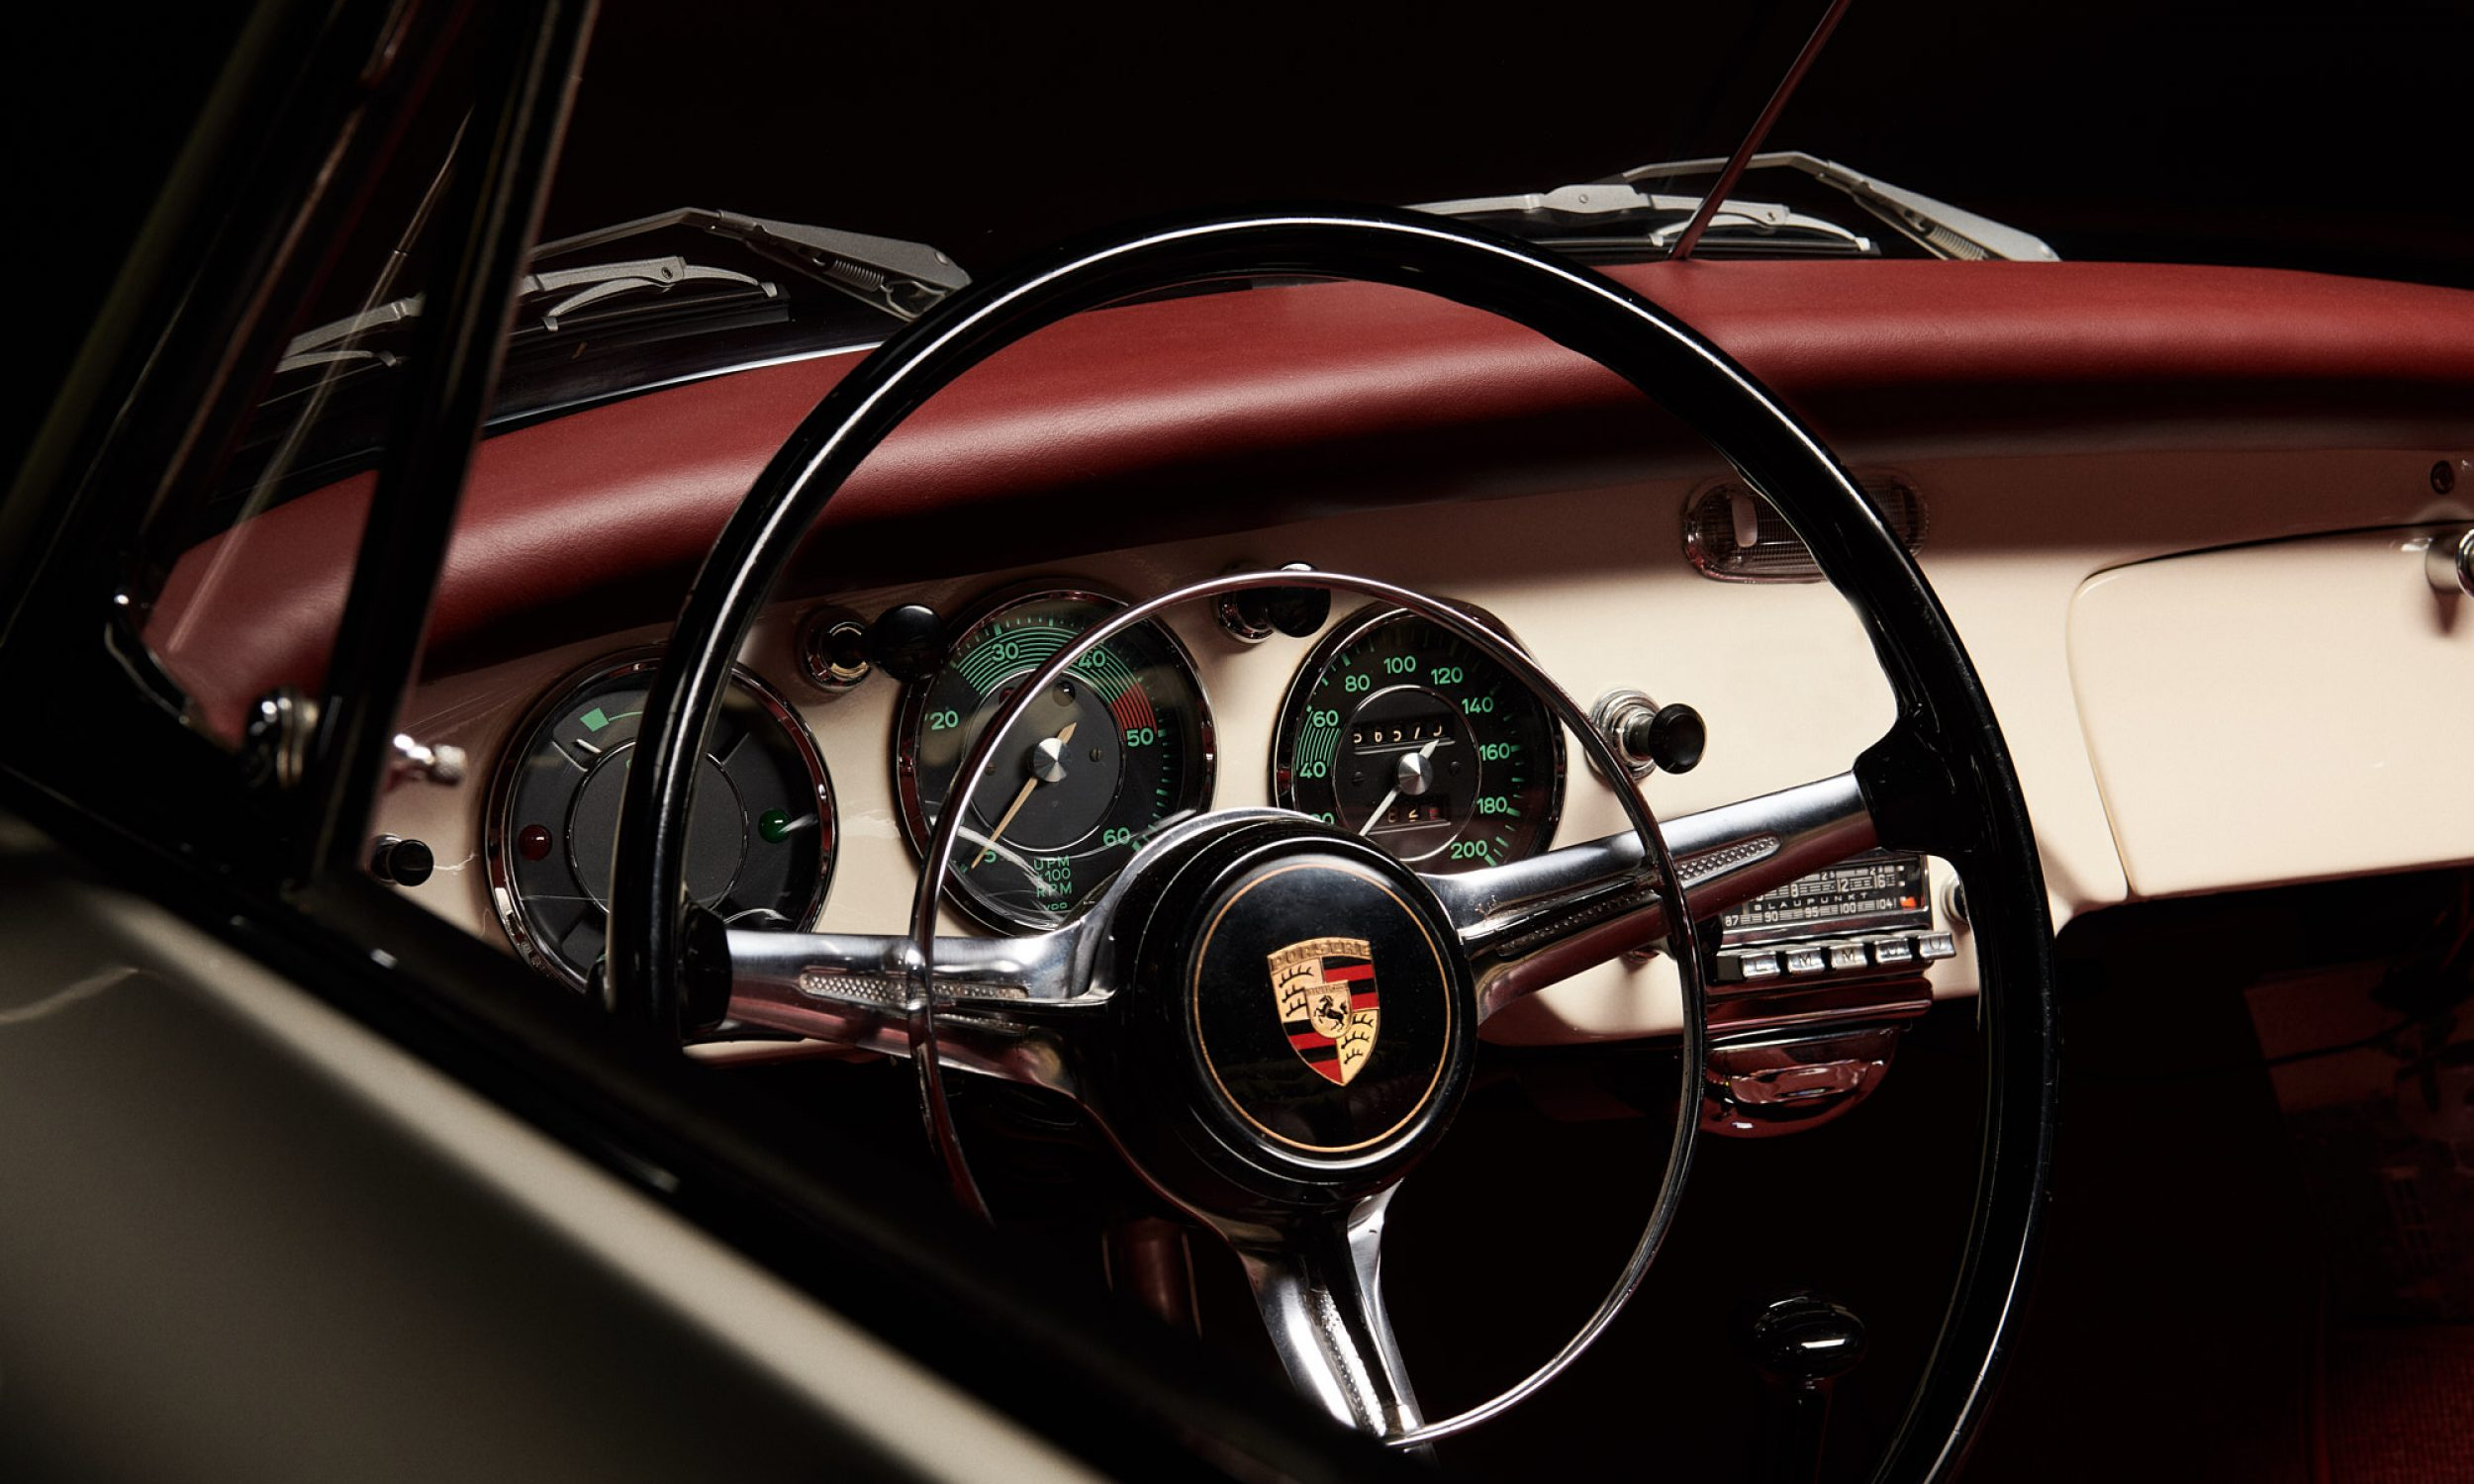 Porsche_356_detail_6